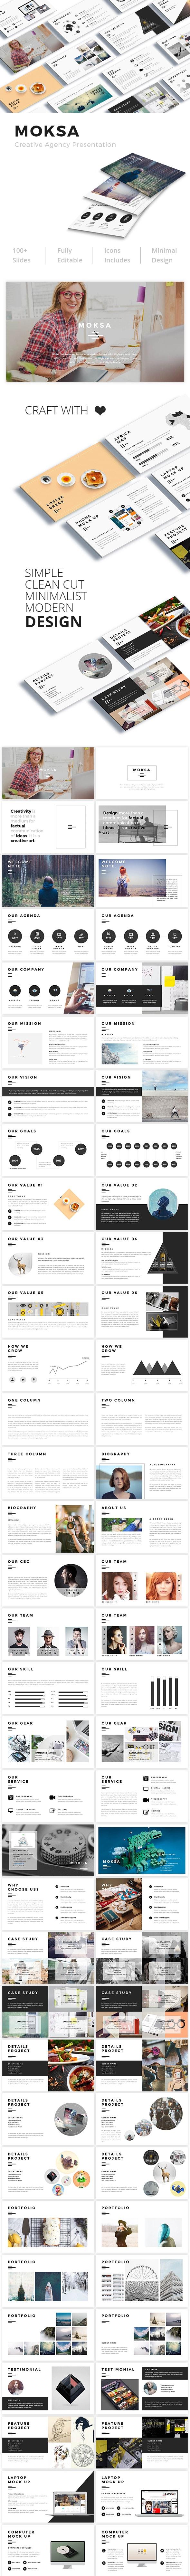 Moksa - Creative Agency Google Slide Presentation - Google Slides Presentation Templates